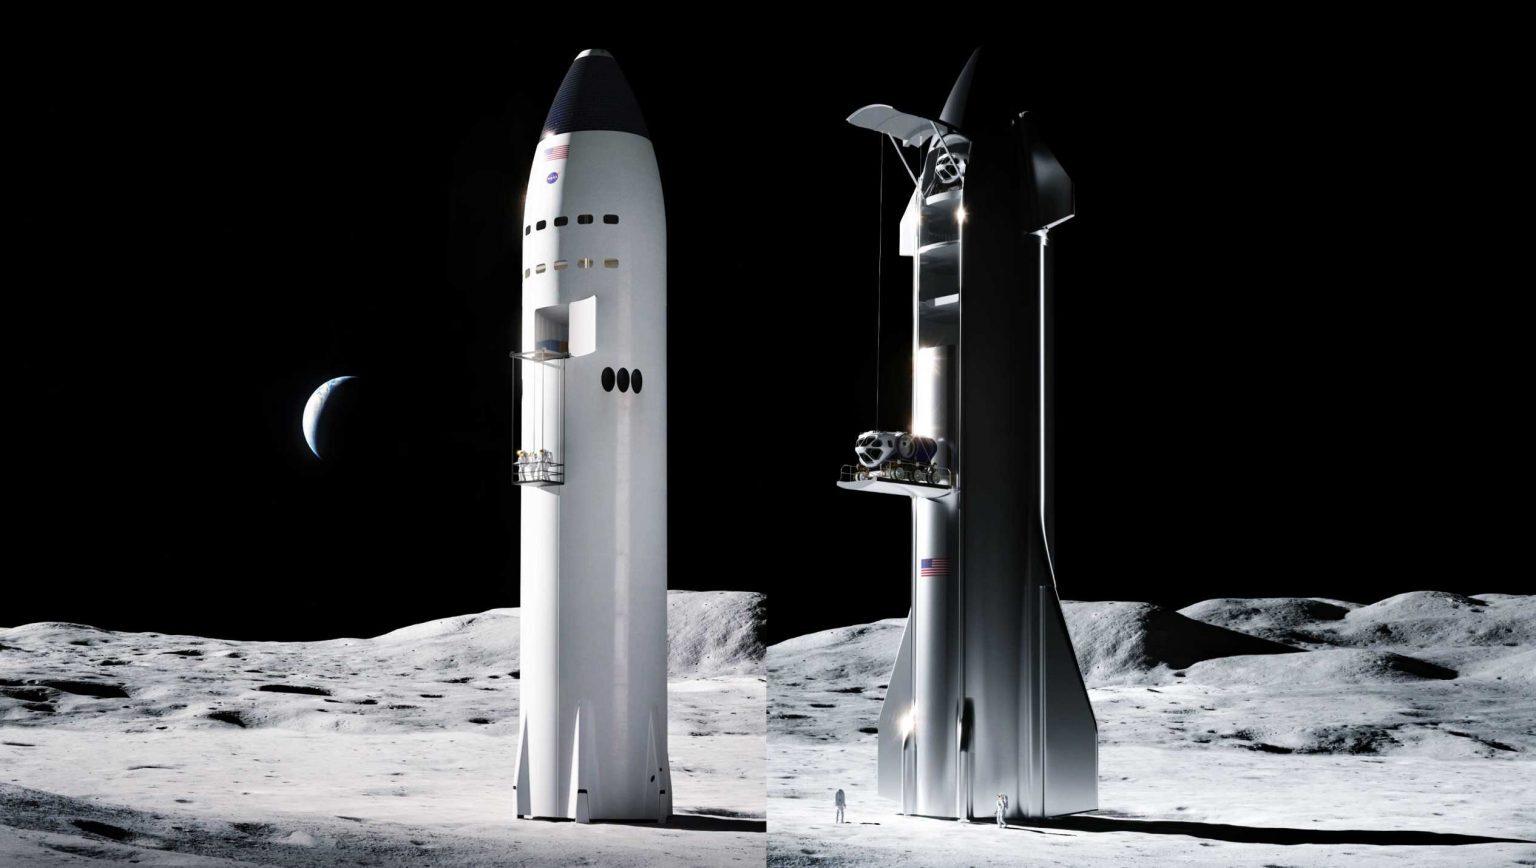 Илон Маск показал космический лифт для спуска на поверхность Луны